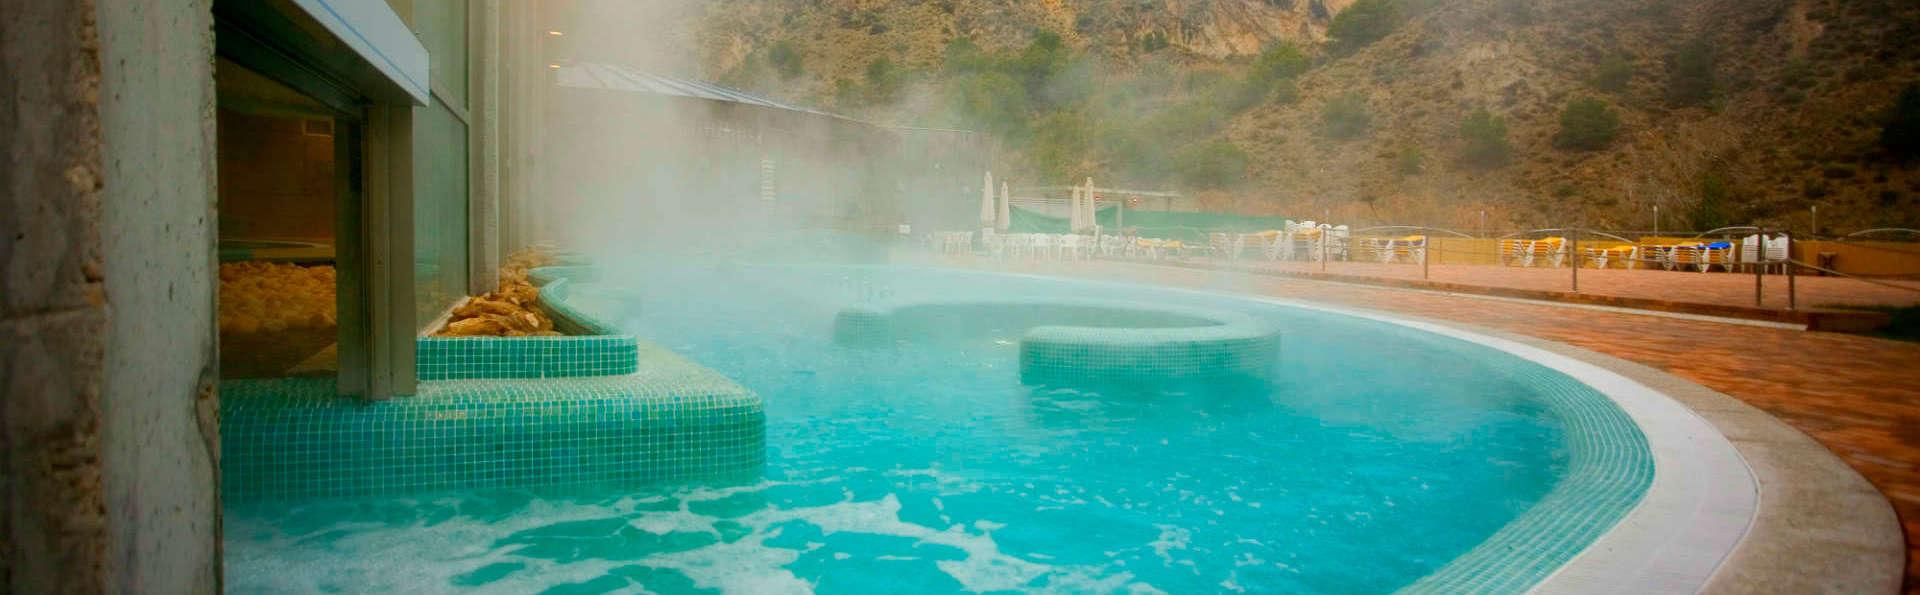 Escápate a Archena con entrada ilimitada a las piscinas termales y 2 circuitos (desde 3 noches)